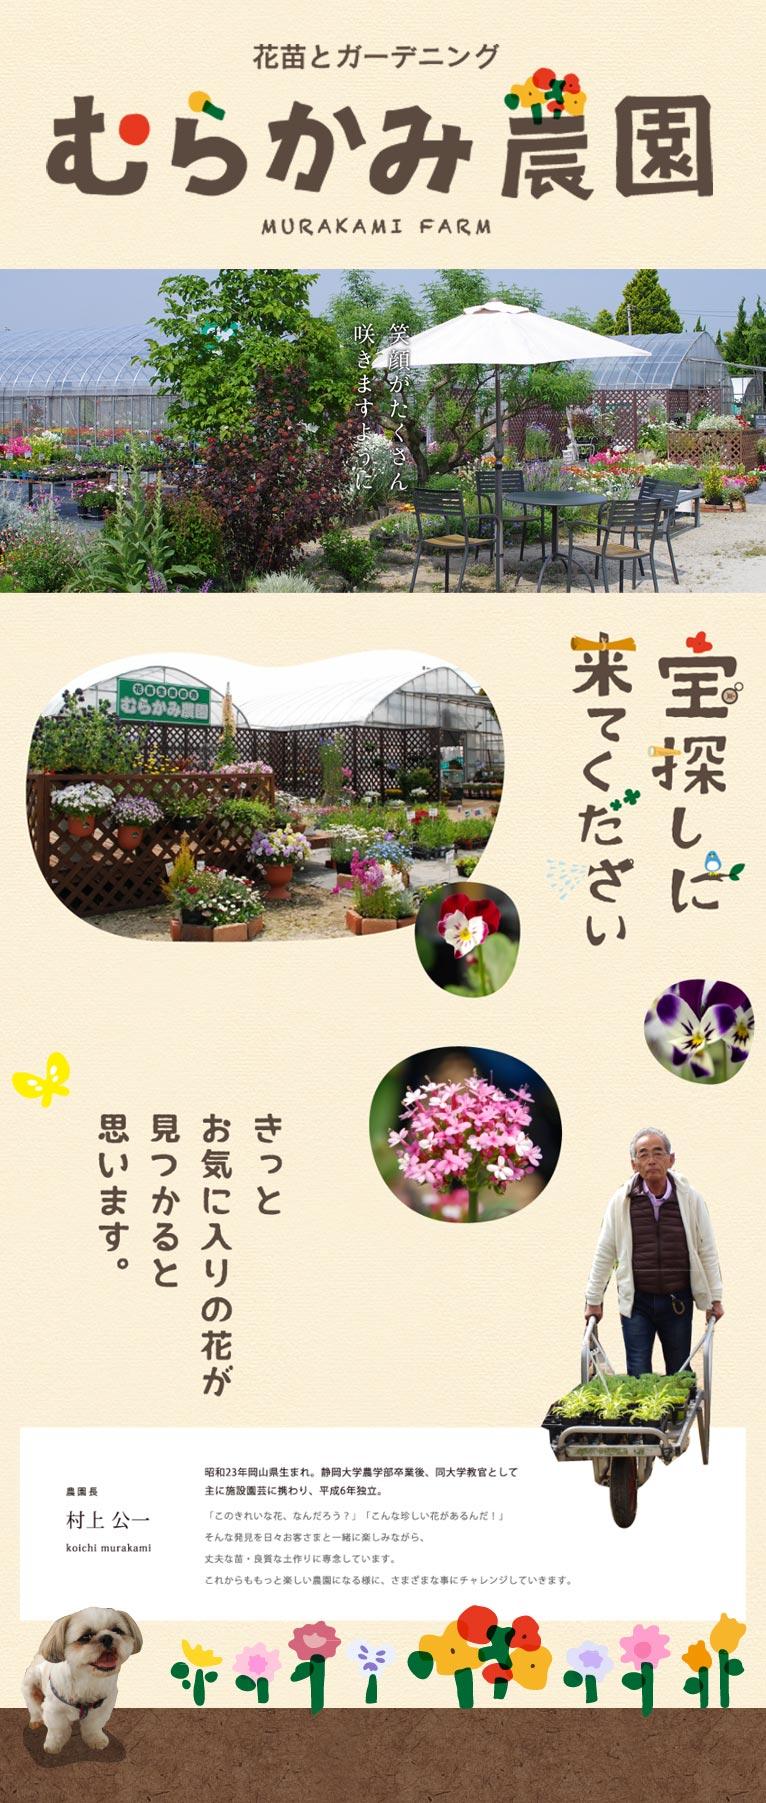 むらかみ農園 紹介ページ